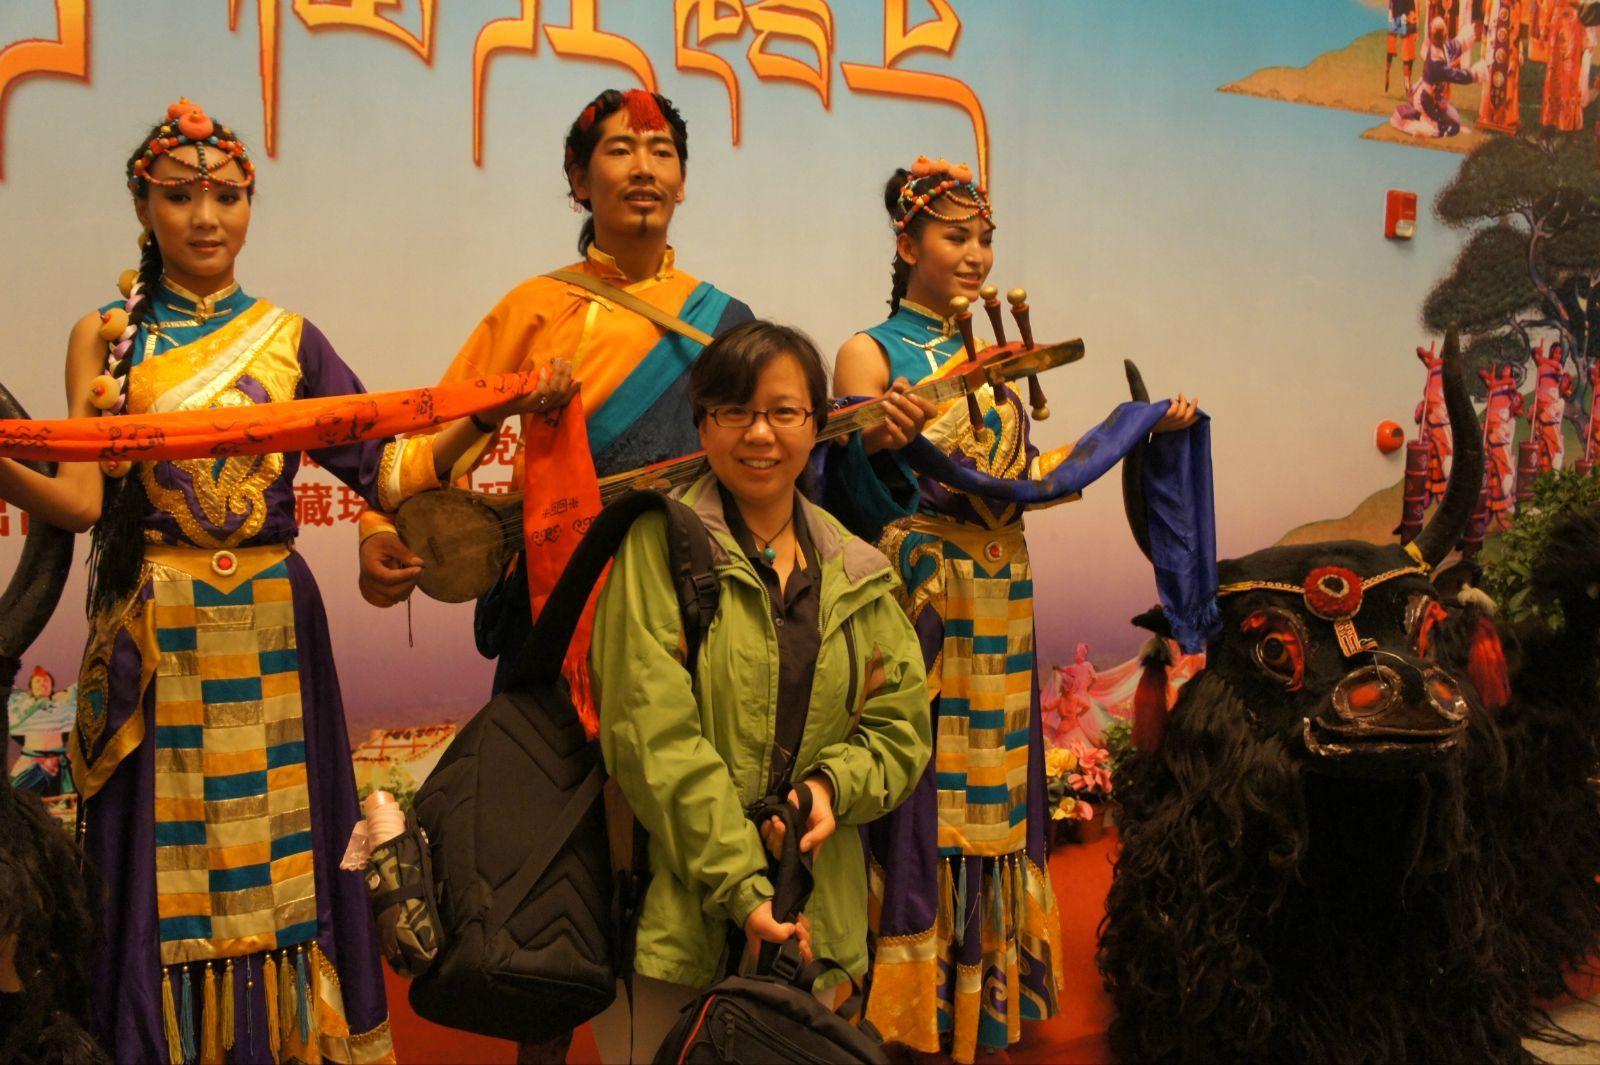 西藏舞蹈人物素材